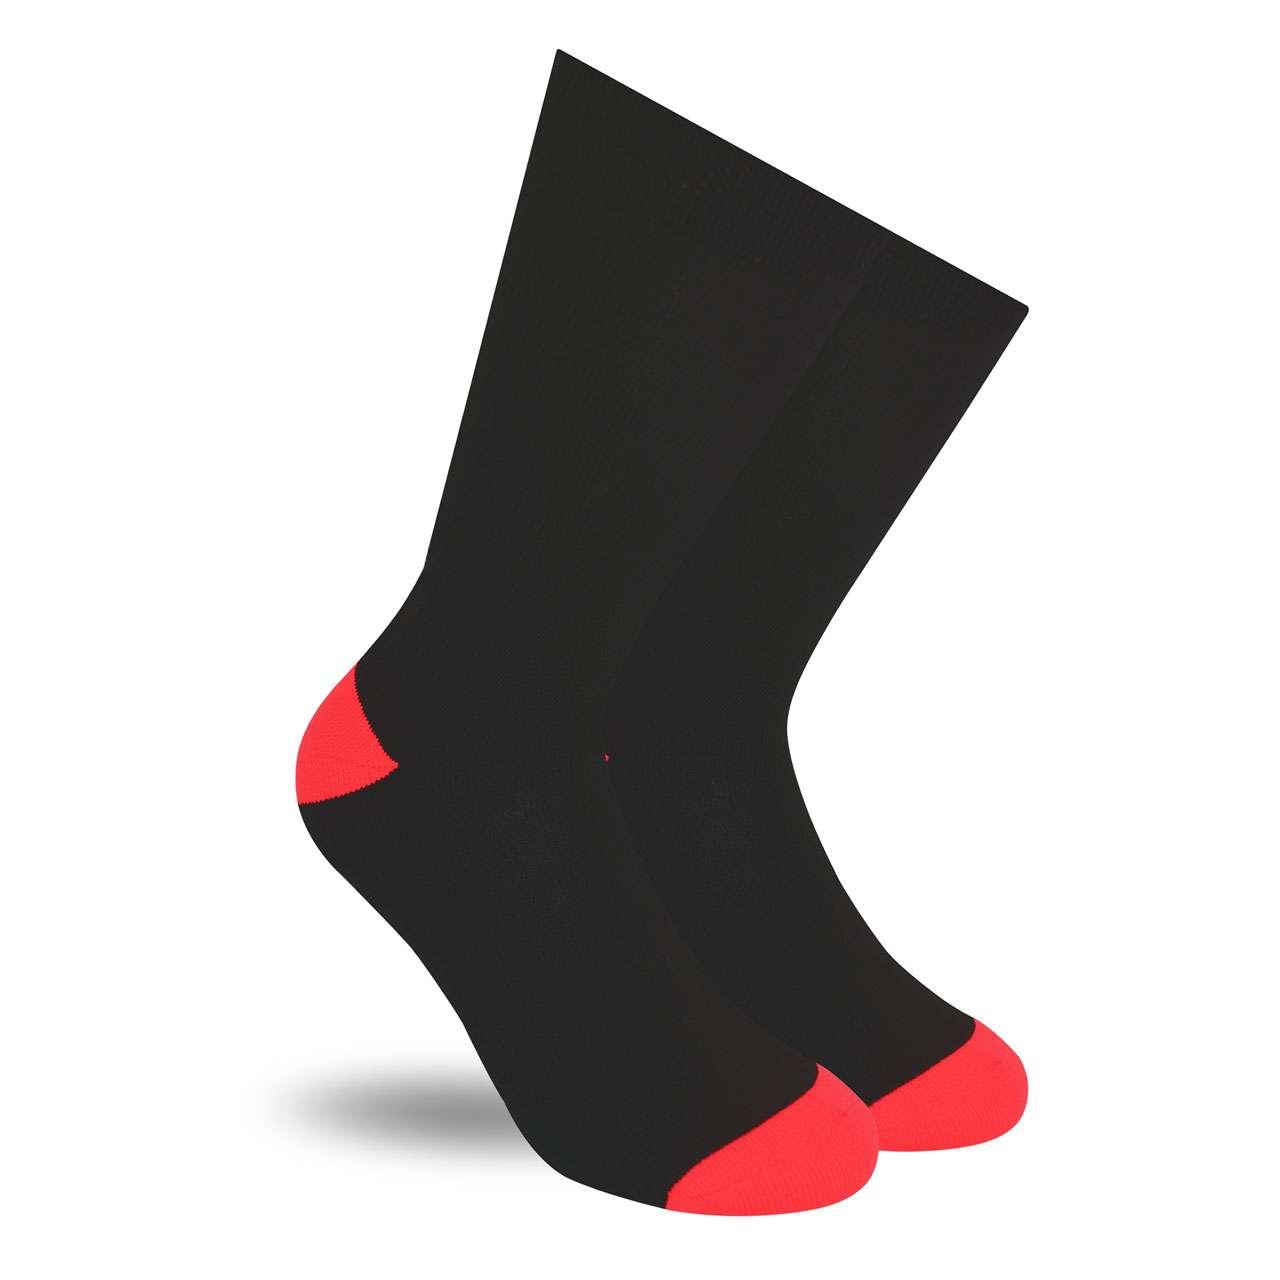 calcetin-skunk-socks-negro-rojo